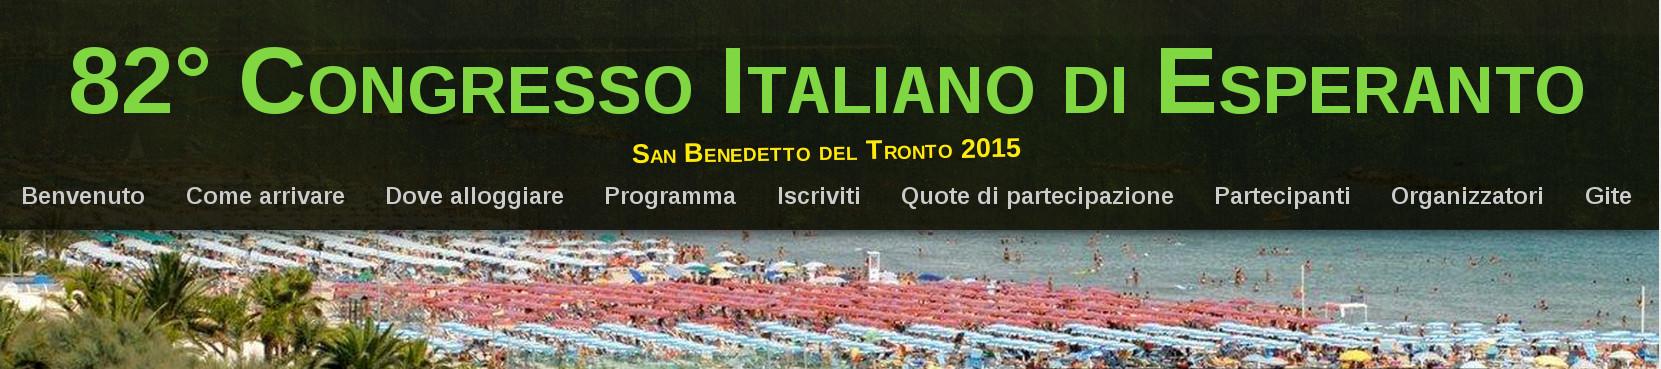 82 congresso italiano di esperanto